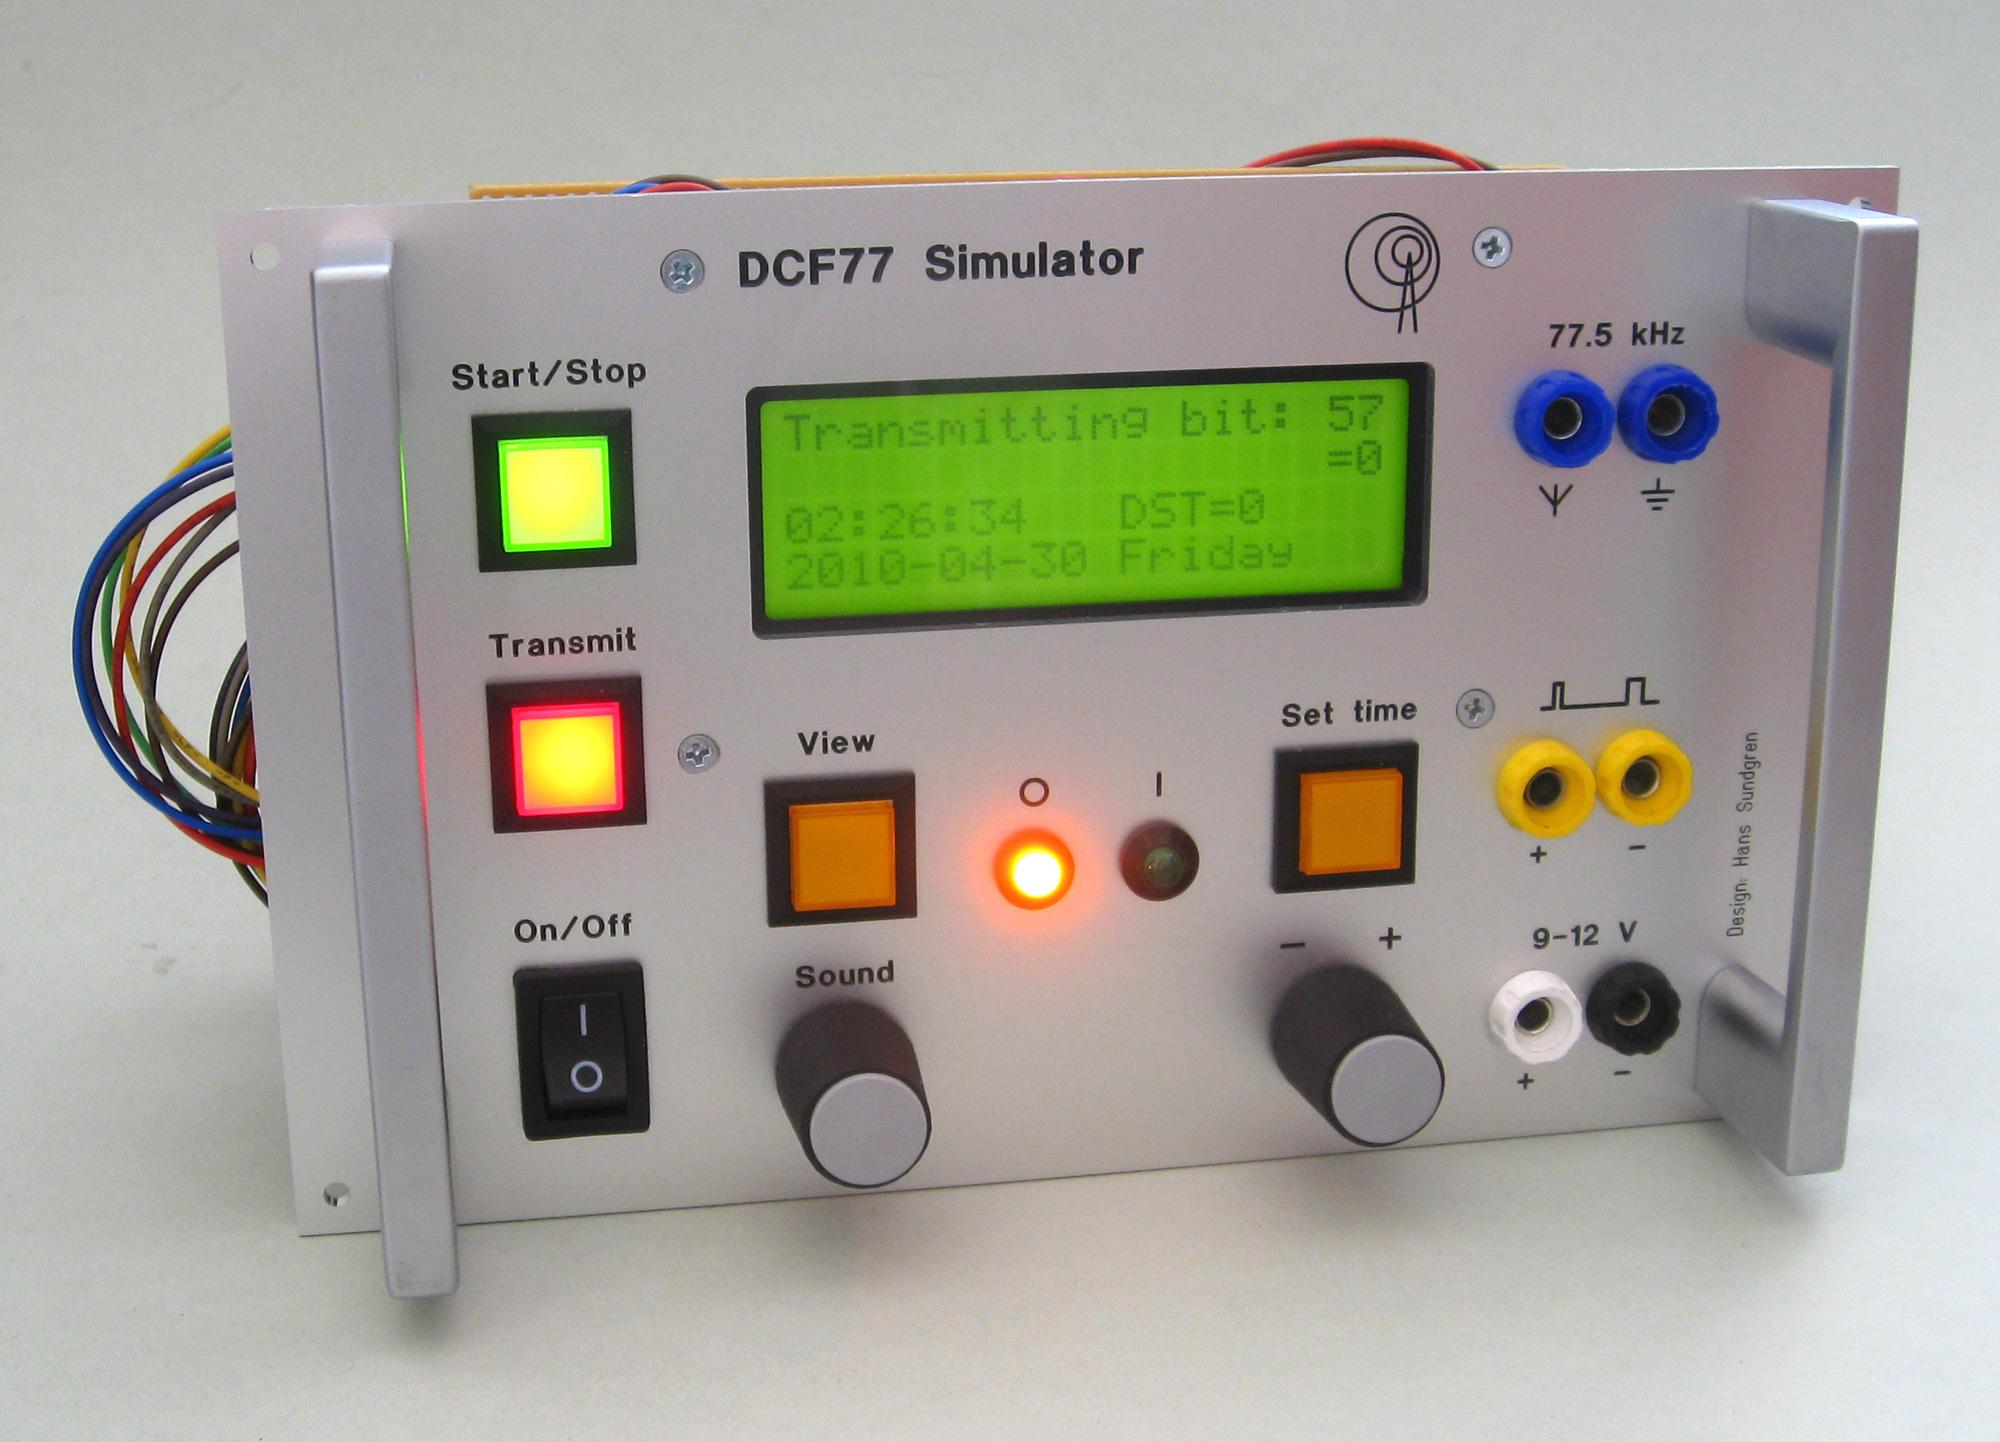 Phenomenal Dcf77 Simulator Wiring 101 Vieworaxxcnl